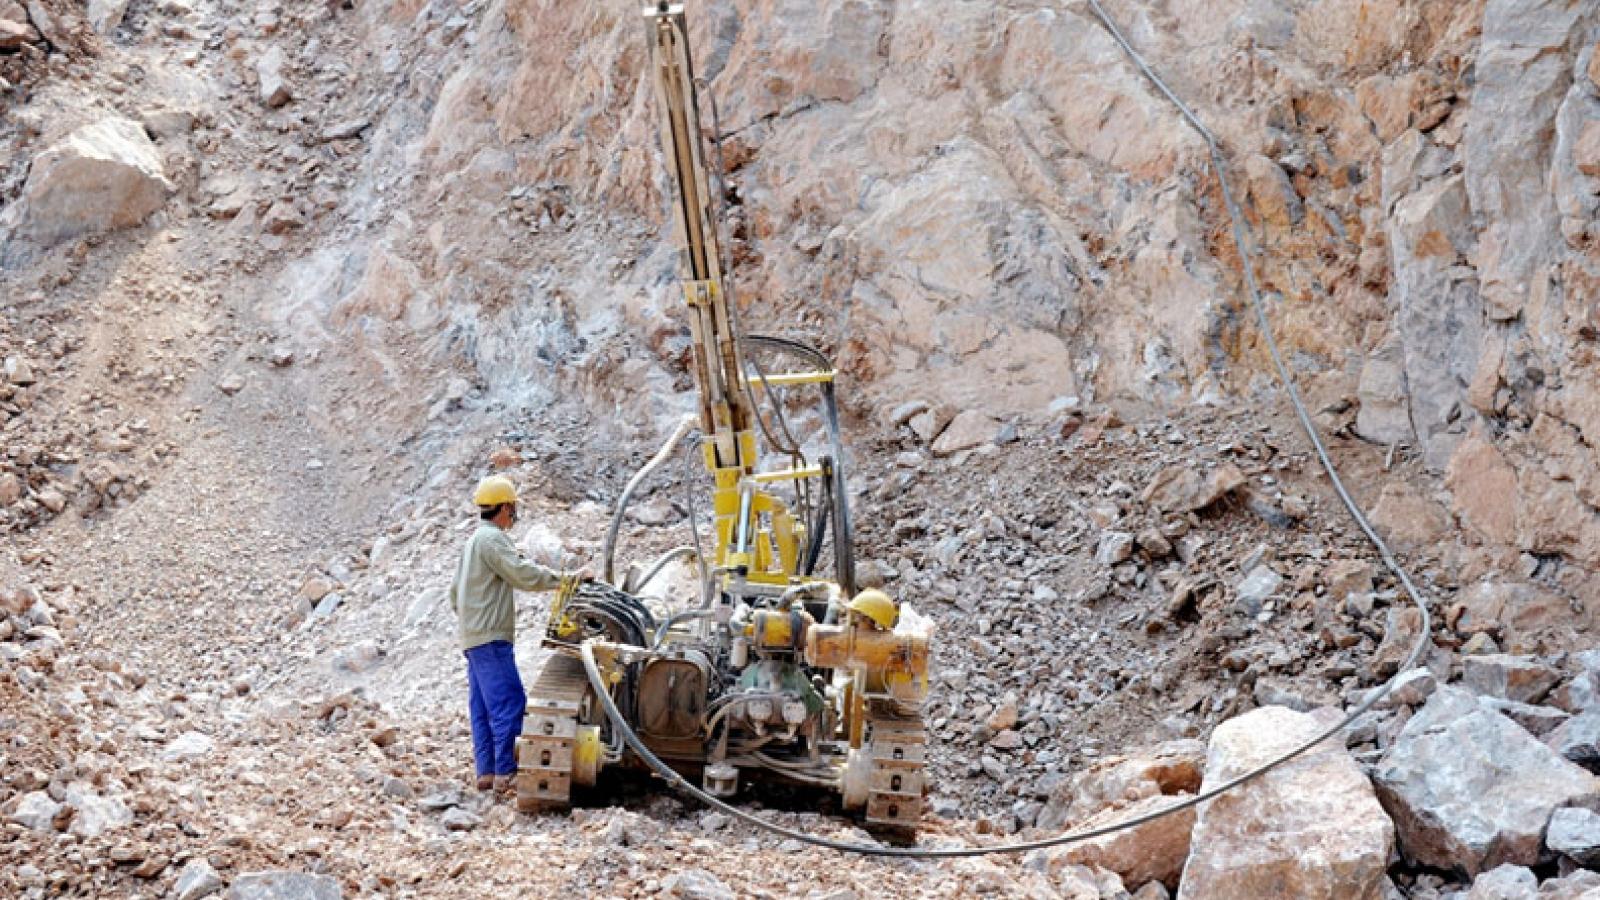 Quảng Ninh: Bị đá rơi vào người, 2 công nhân tử vong